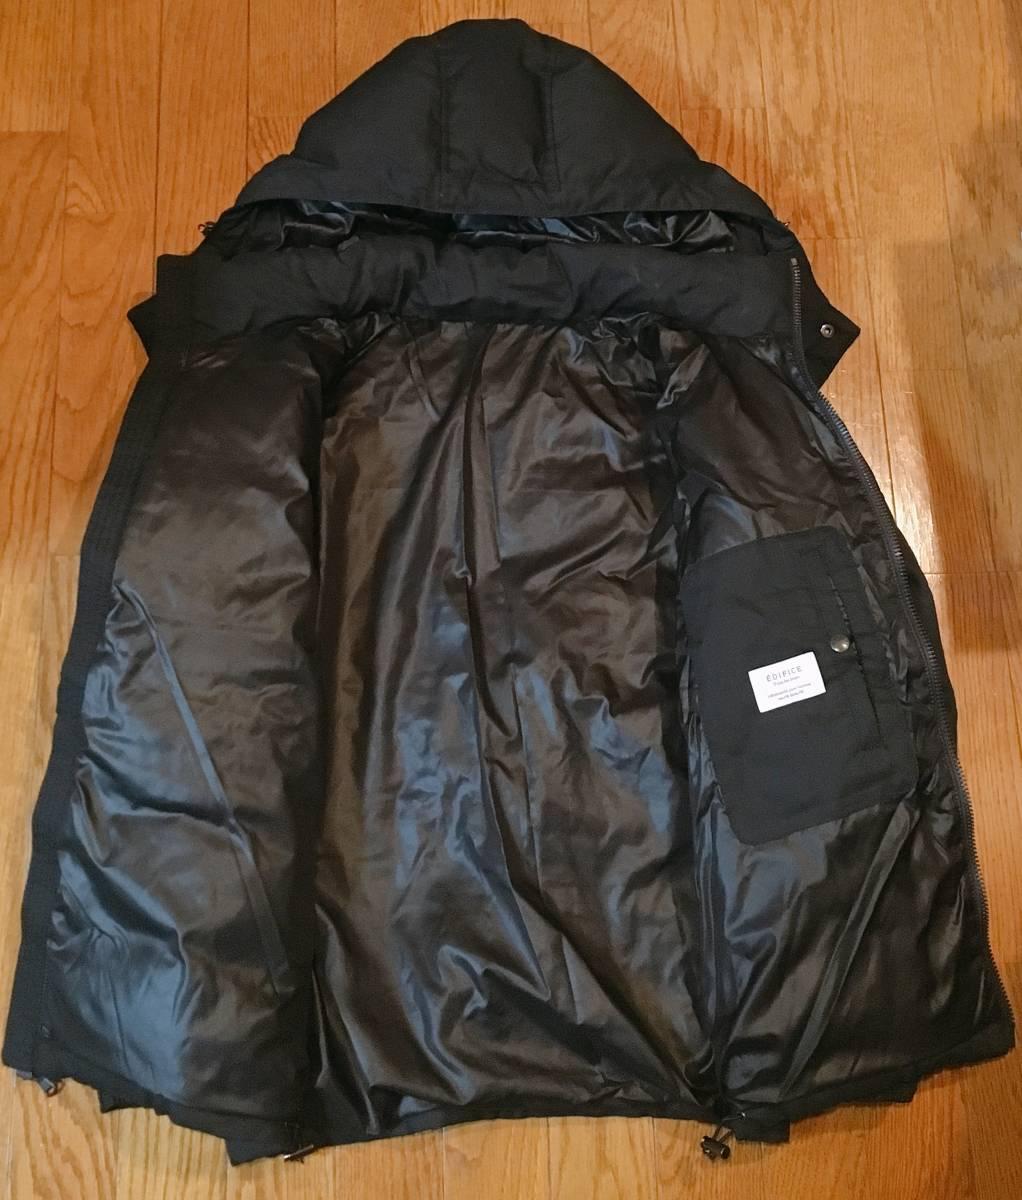 【EDIFICE エディフィス】 上質ダブルジップ式 ダウンジャケット 美しいシルエット スタイリッシュ ブラック46_画像7